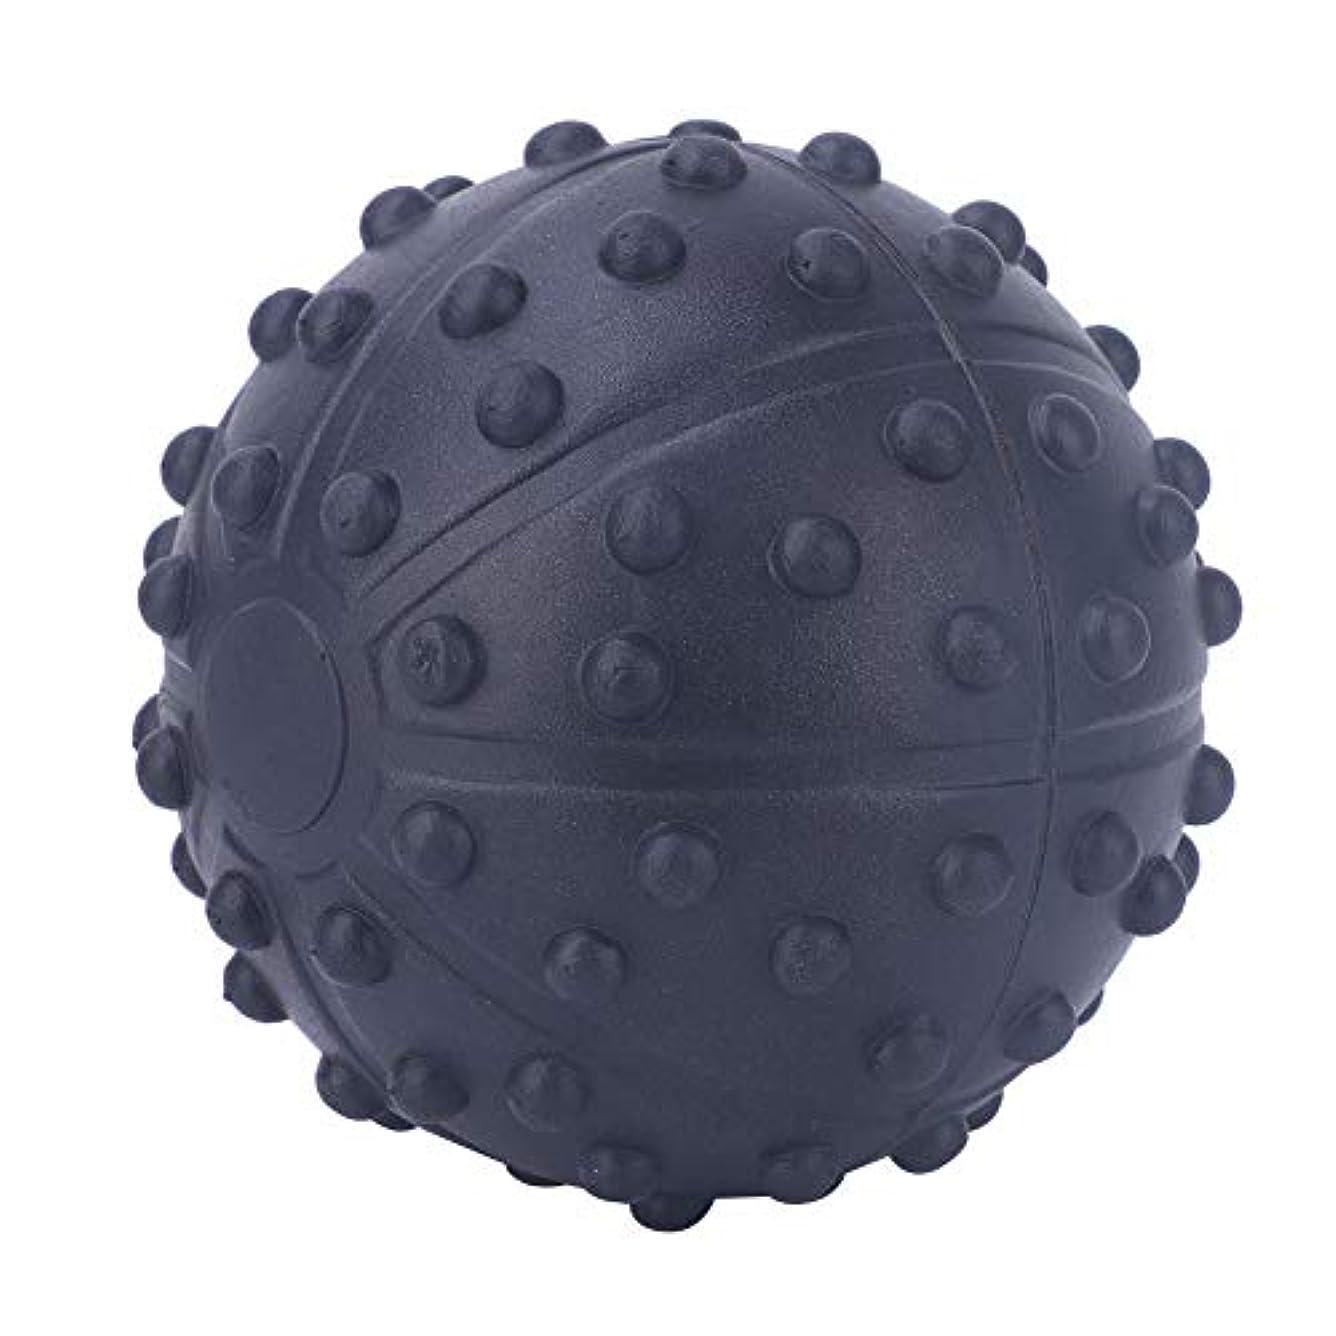 変装この困惑する深いティッシュヨガの筋膜の球、ヨガの疲労筋肉は筋肉救済、背部、首および足のマッサージャーのためのスポーツの球を取り除きます